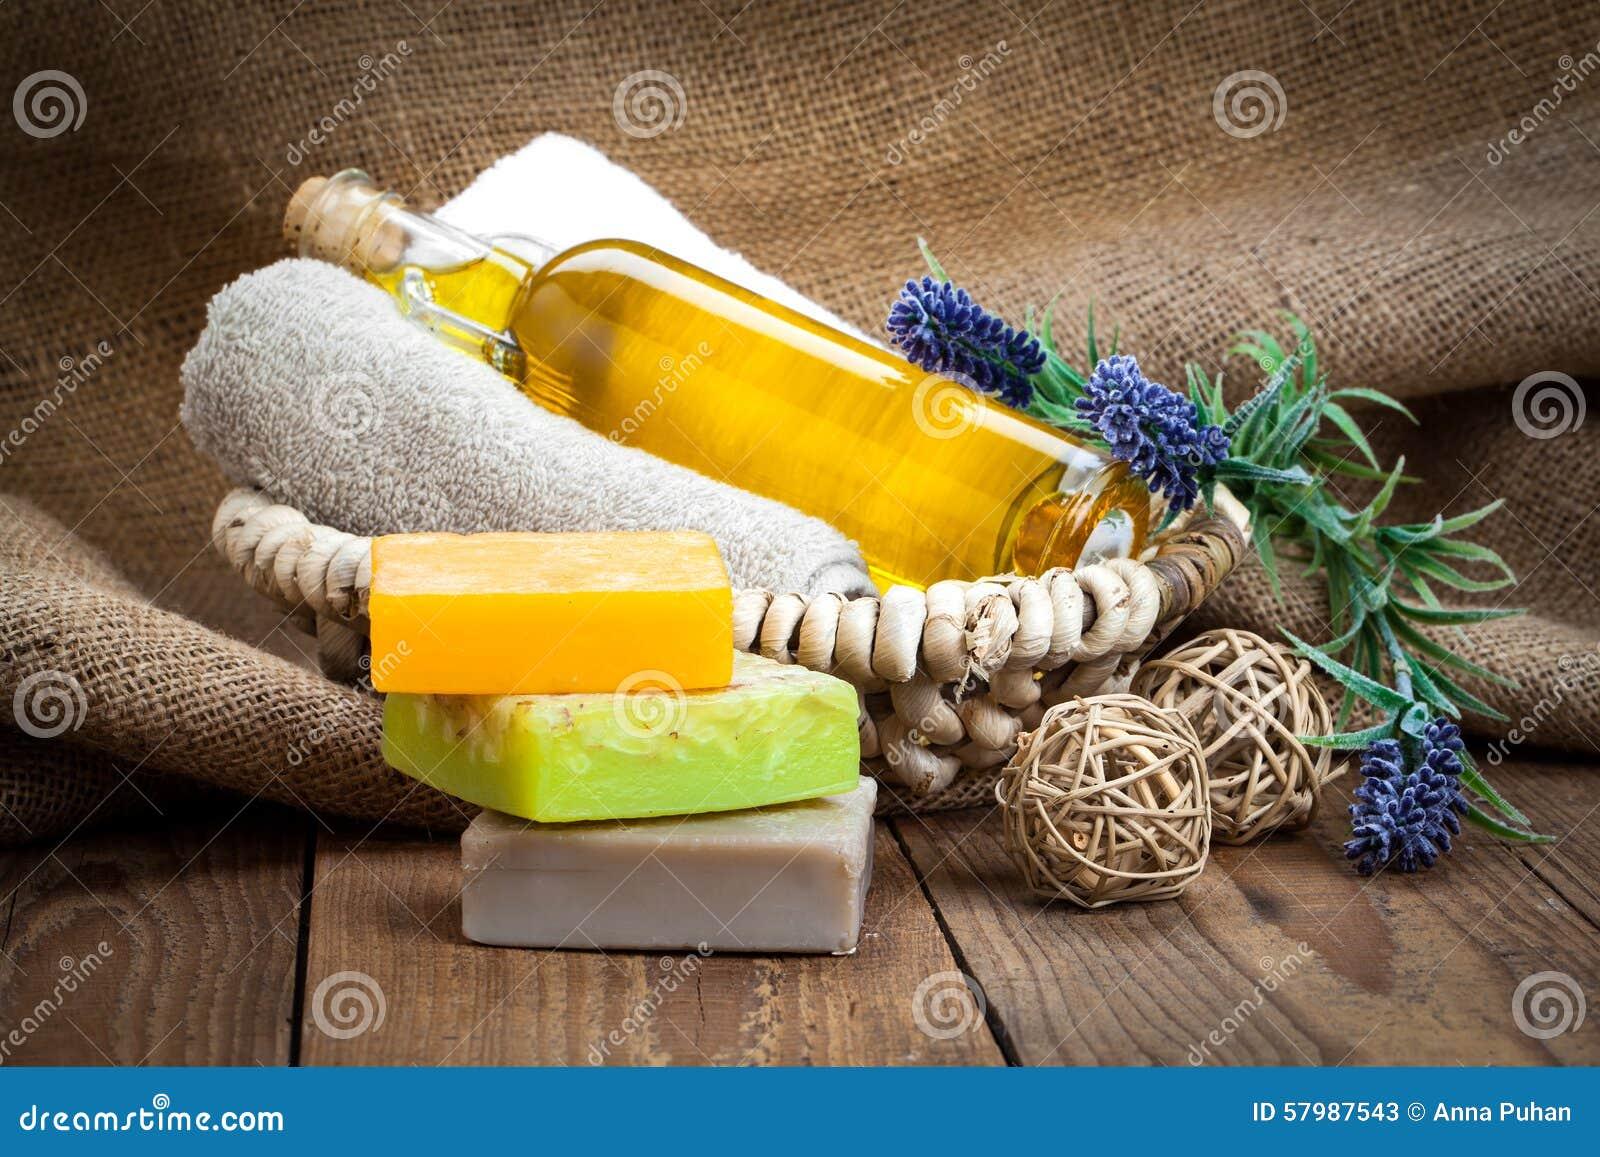 Bunte handgemachte Stück Seifen mit Öl